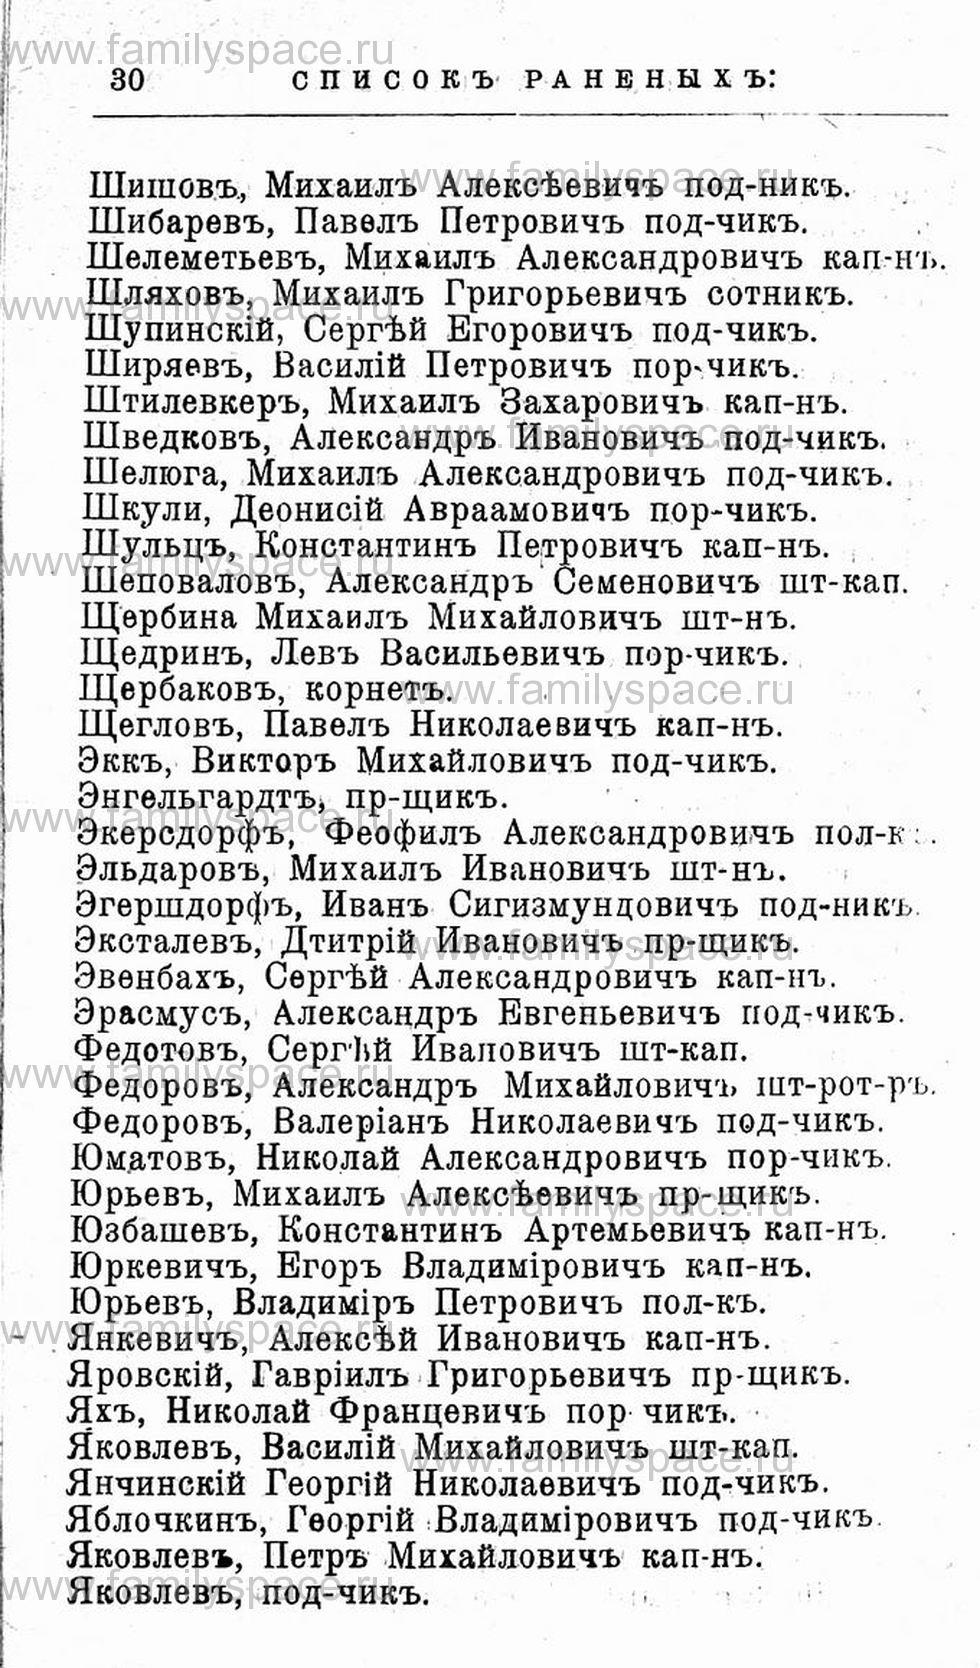 Поиск по фамилии - Первая мировая война - 1914 (списки убитых и раненых), страница 30